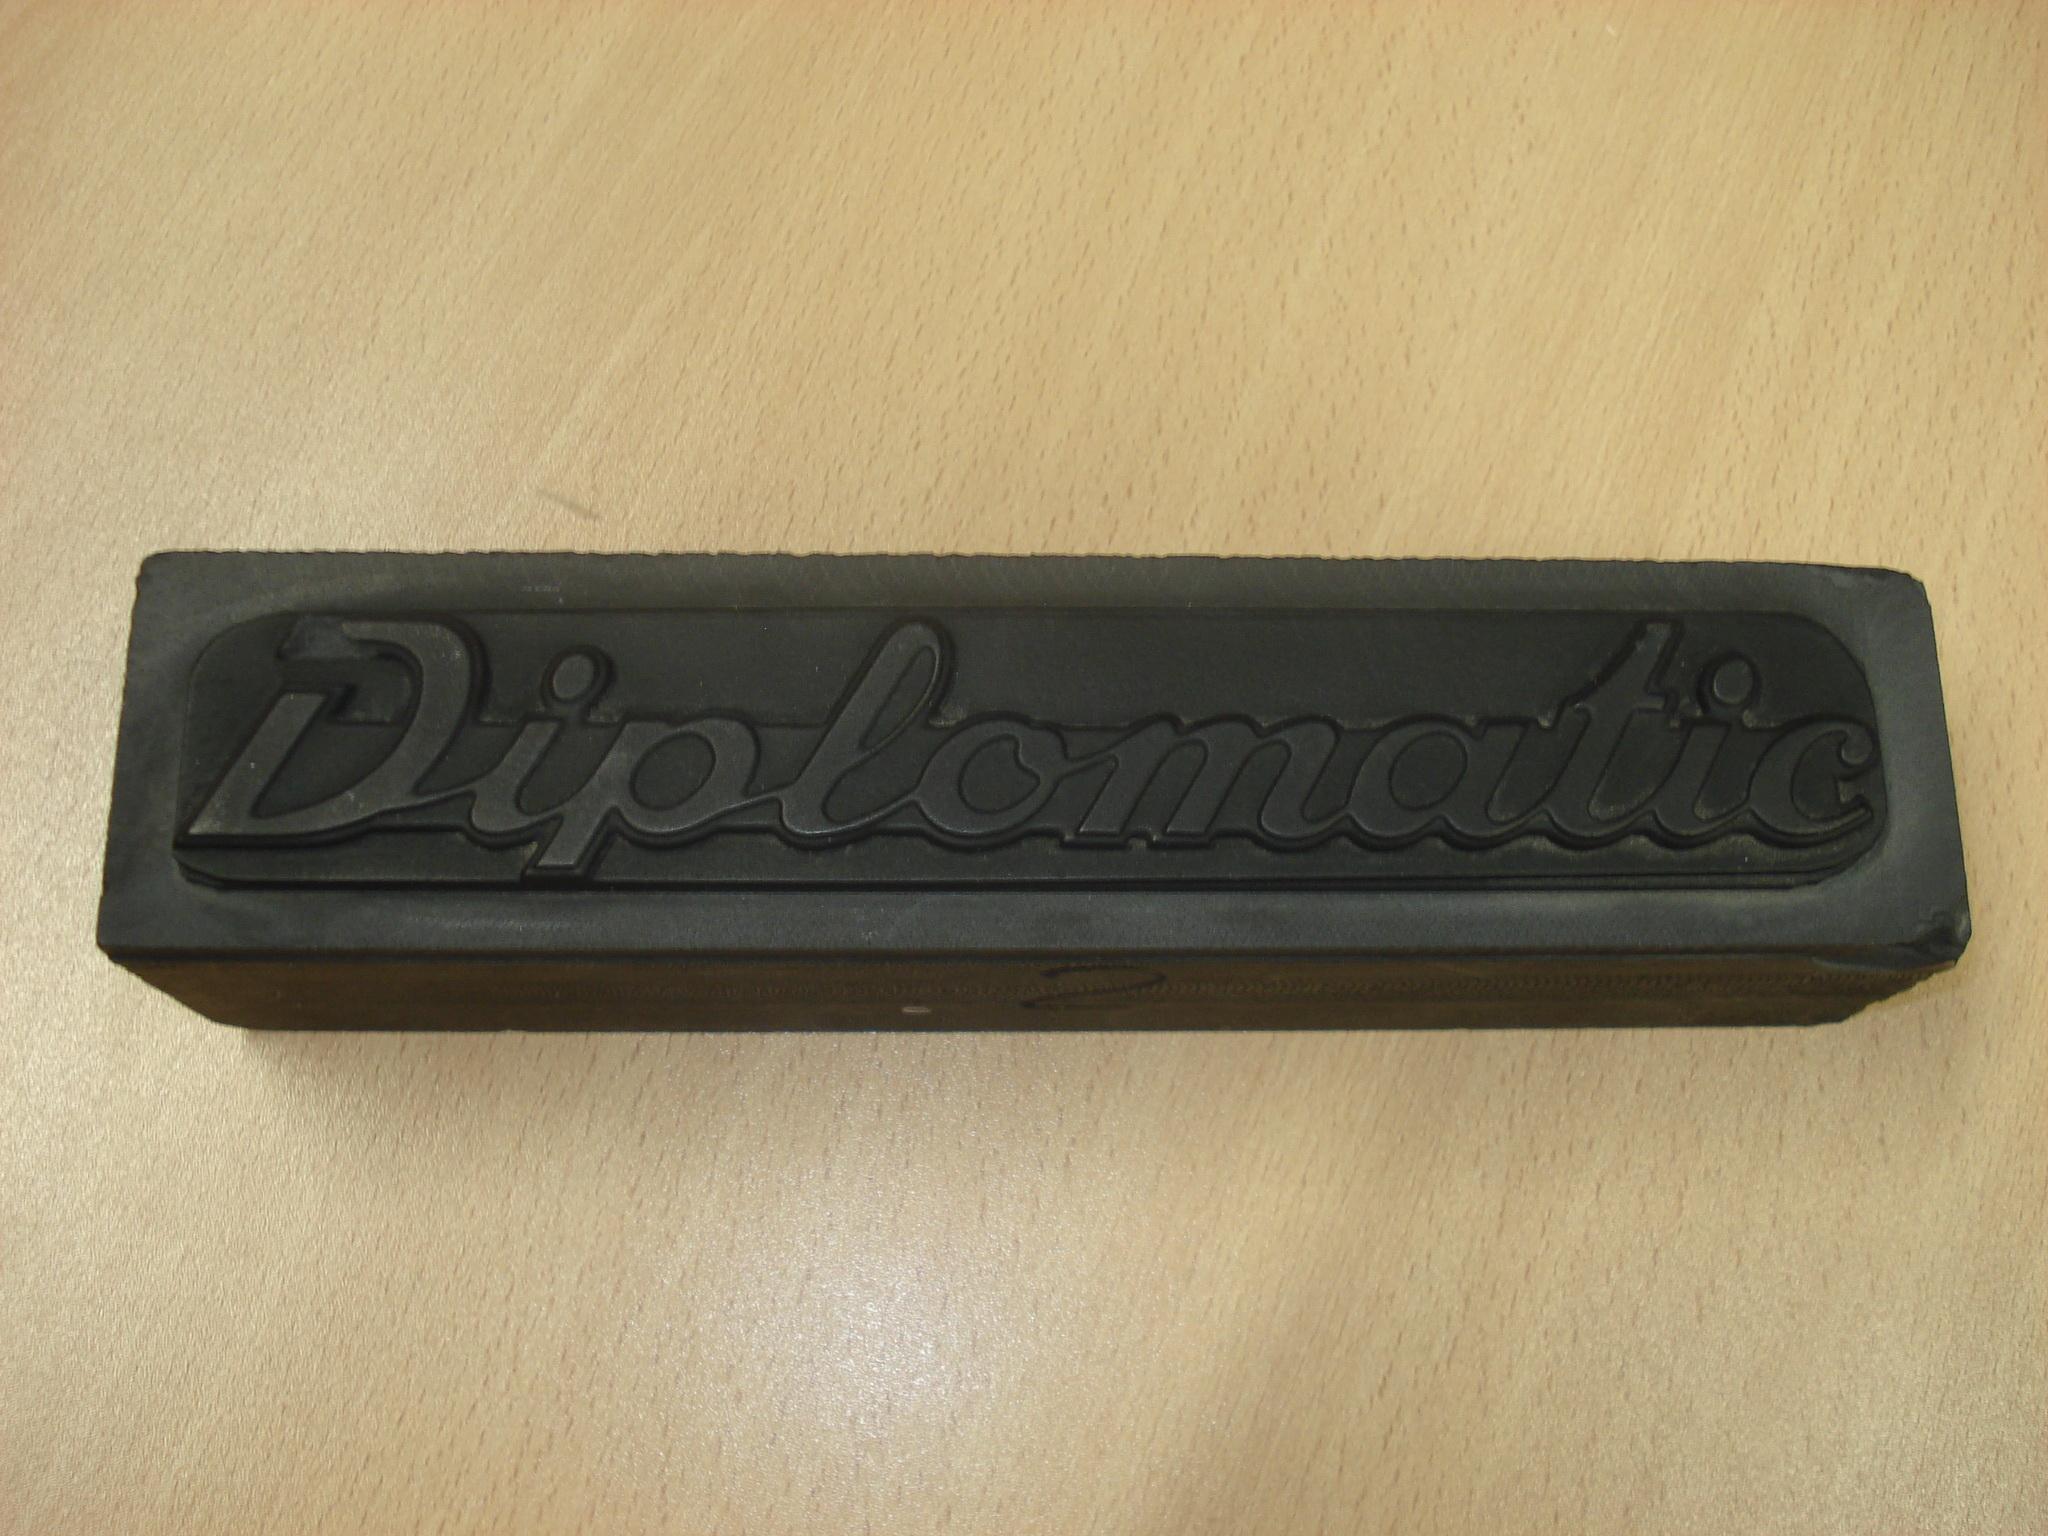 Troquel de la marca del coche Diplomatic